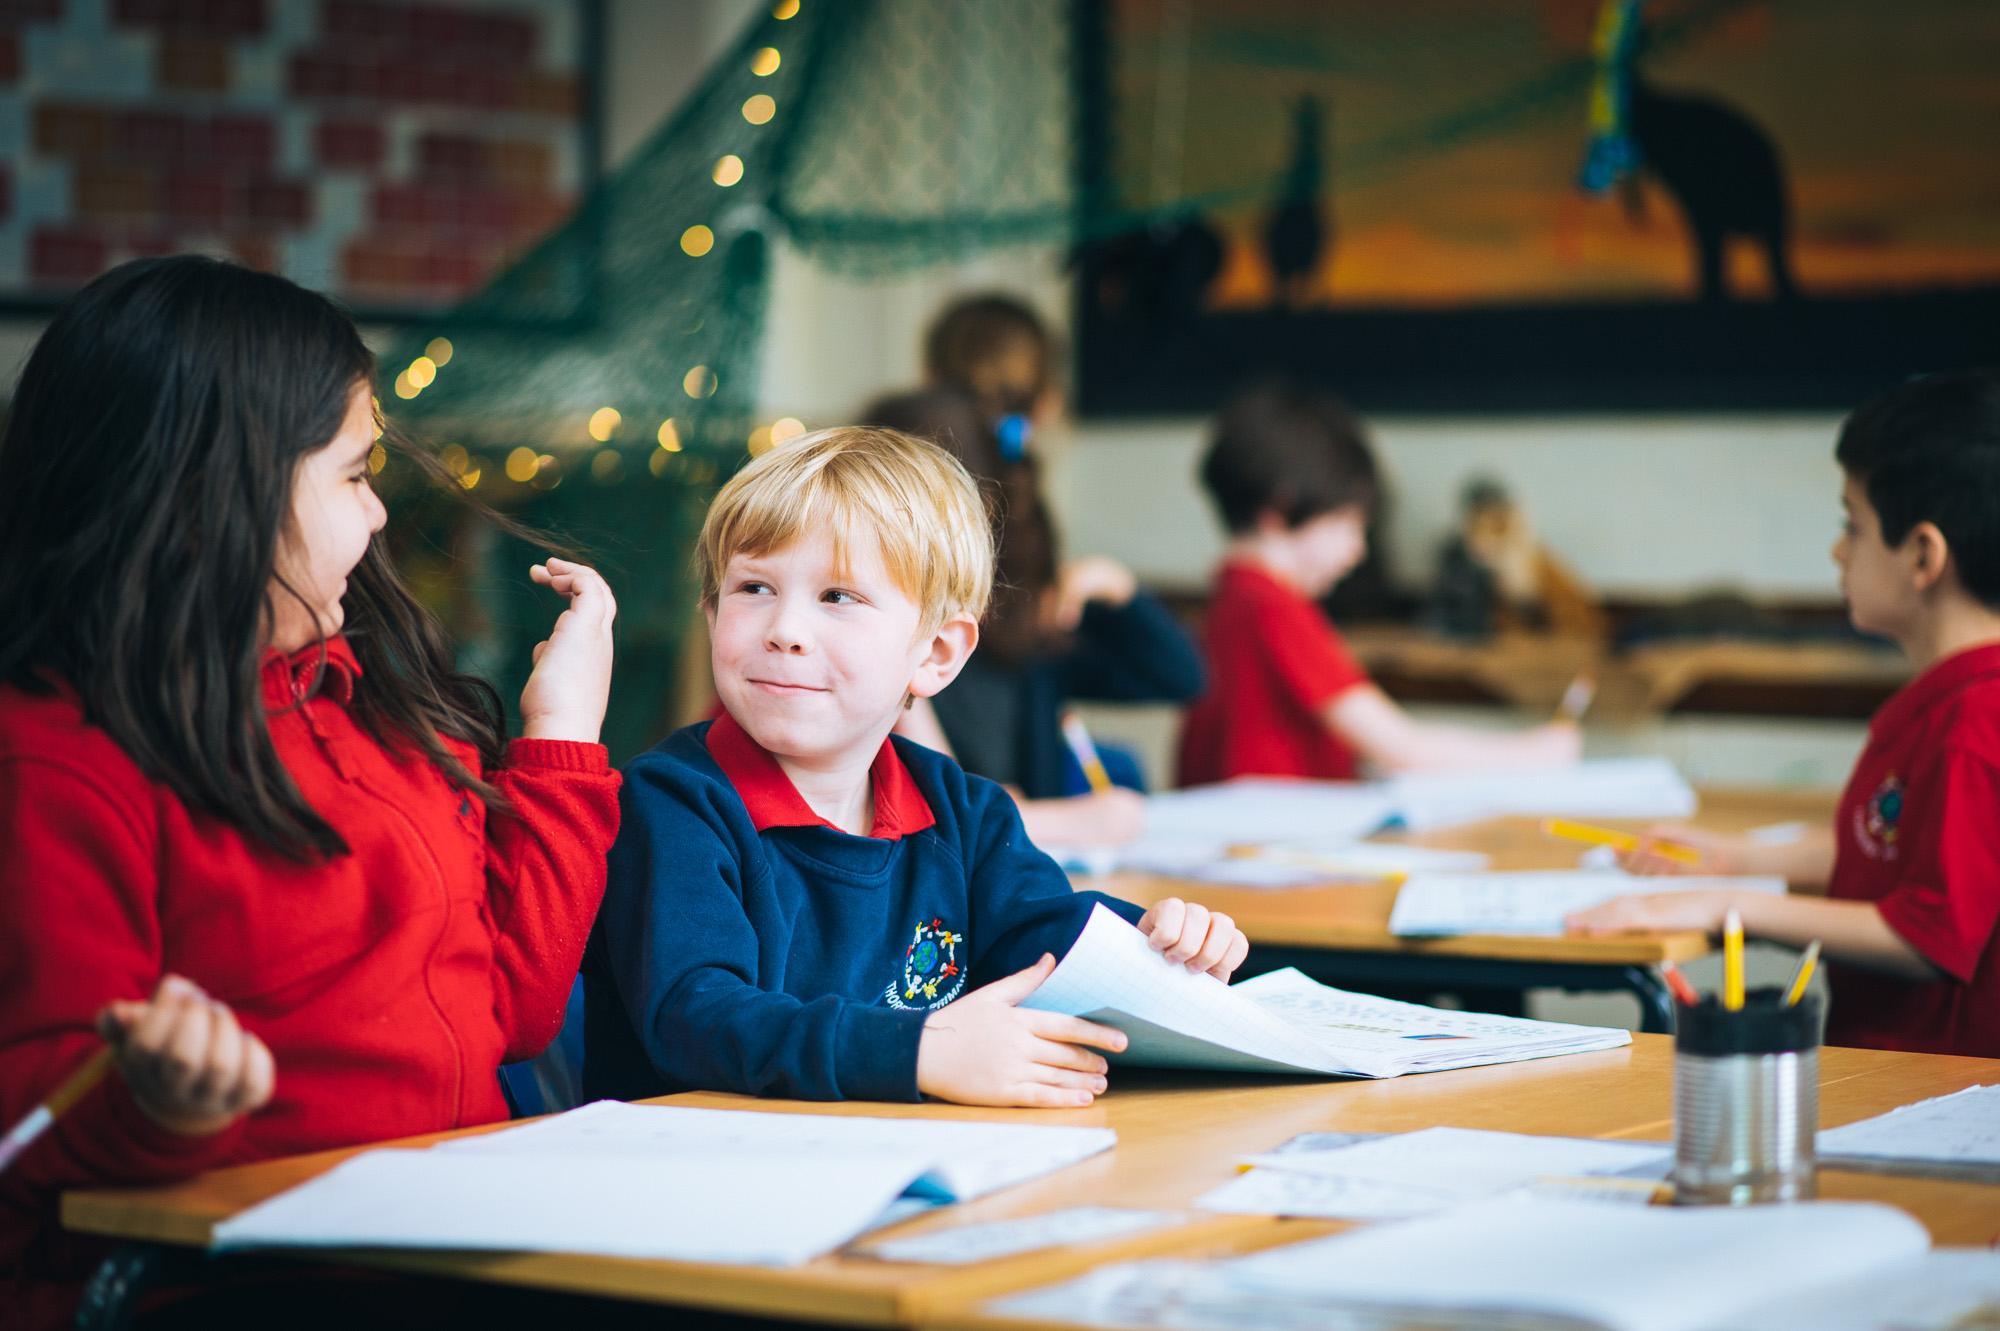 Thoresby Primary School